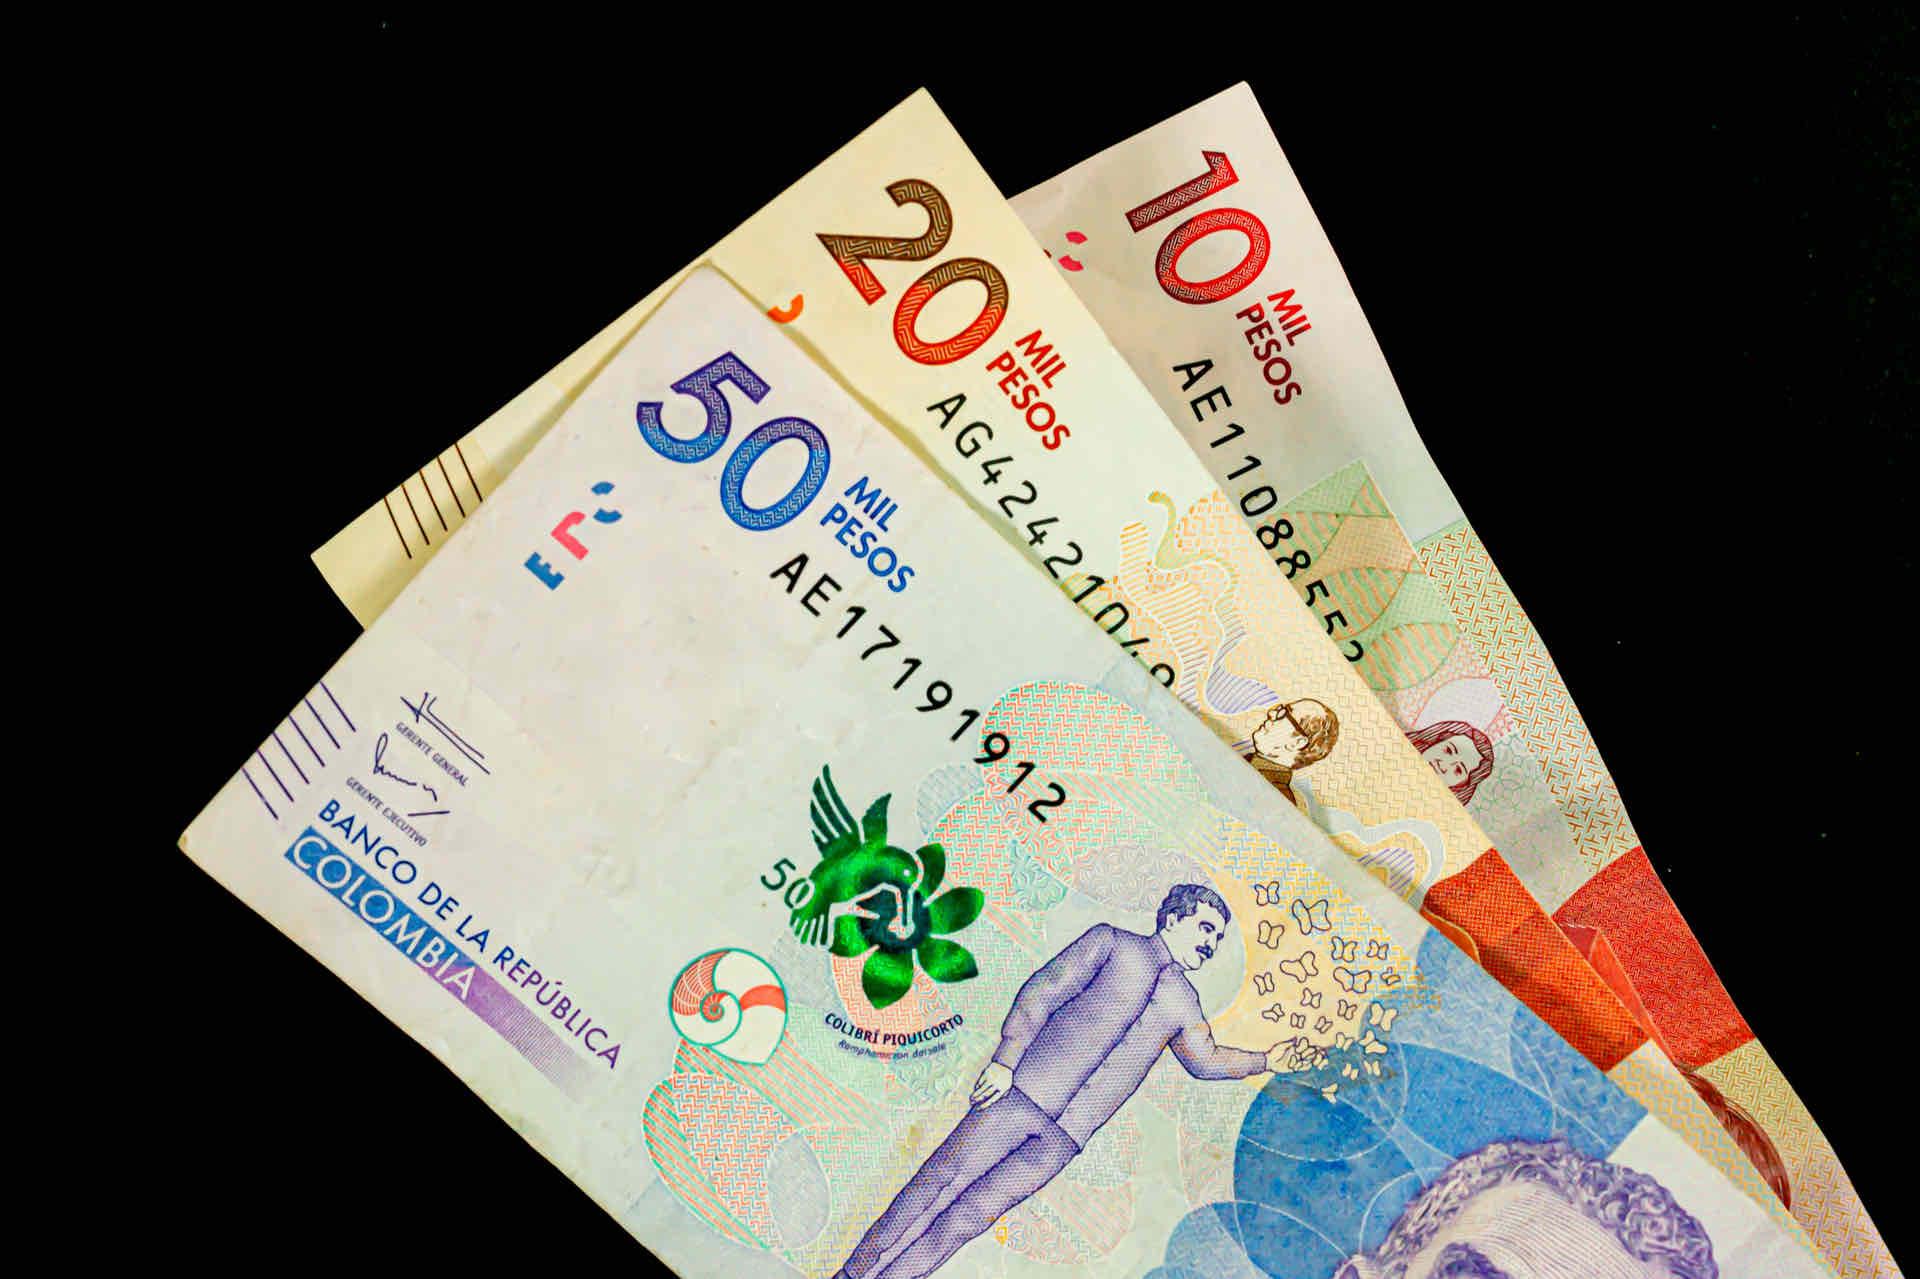 paginas prestamos personales colombia pesos